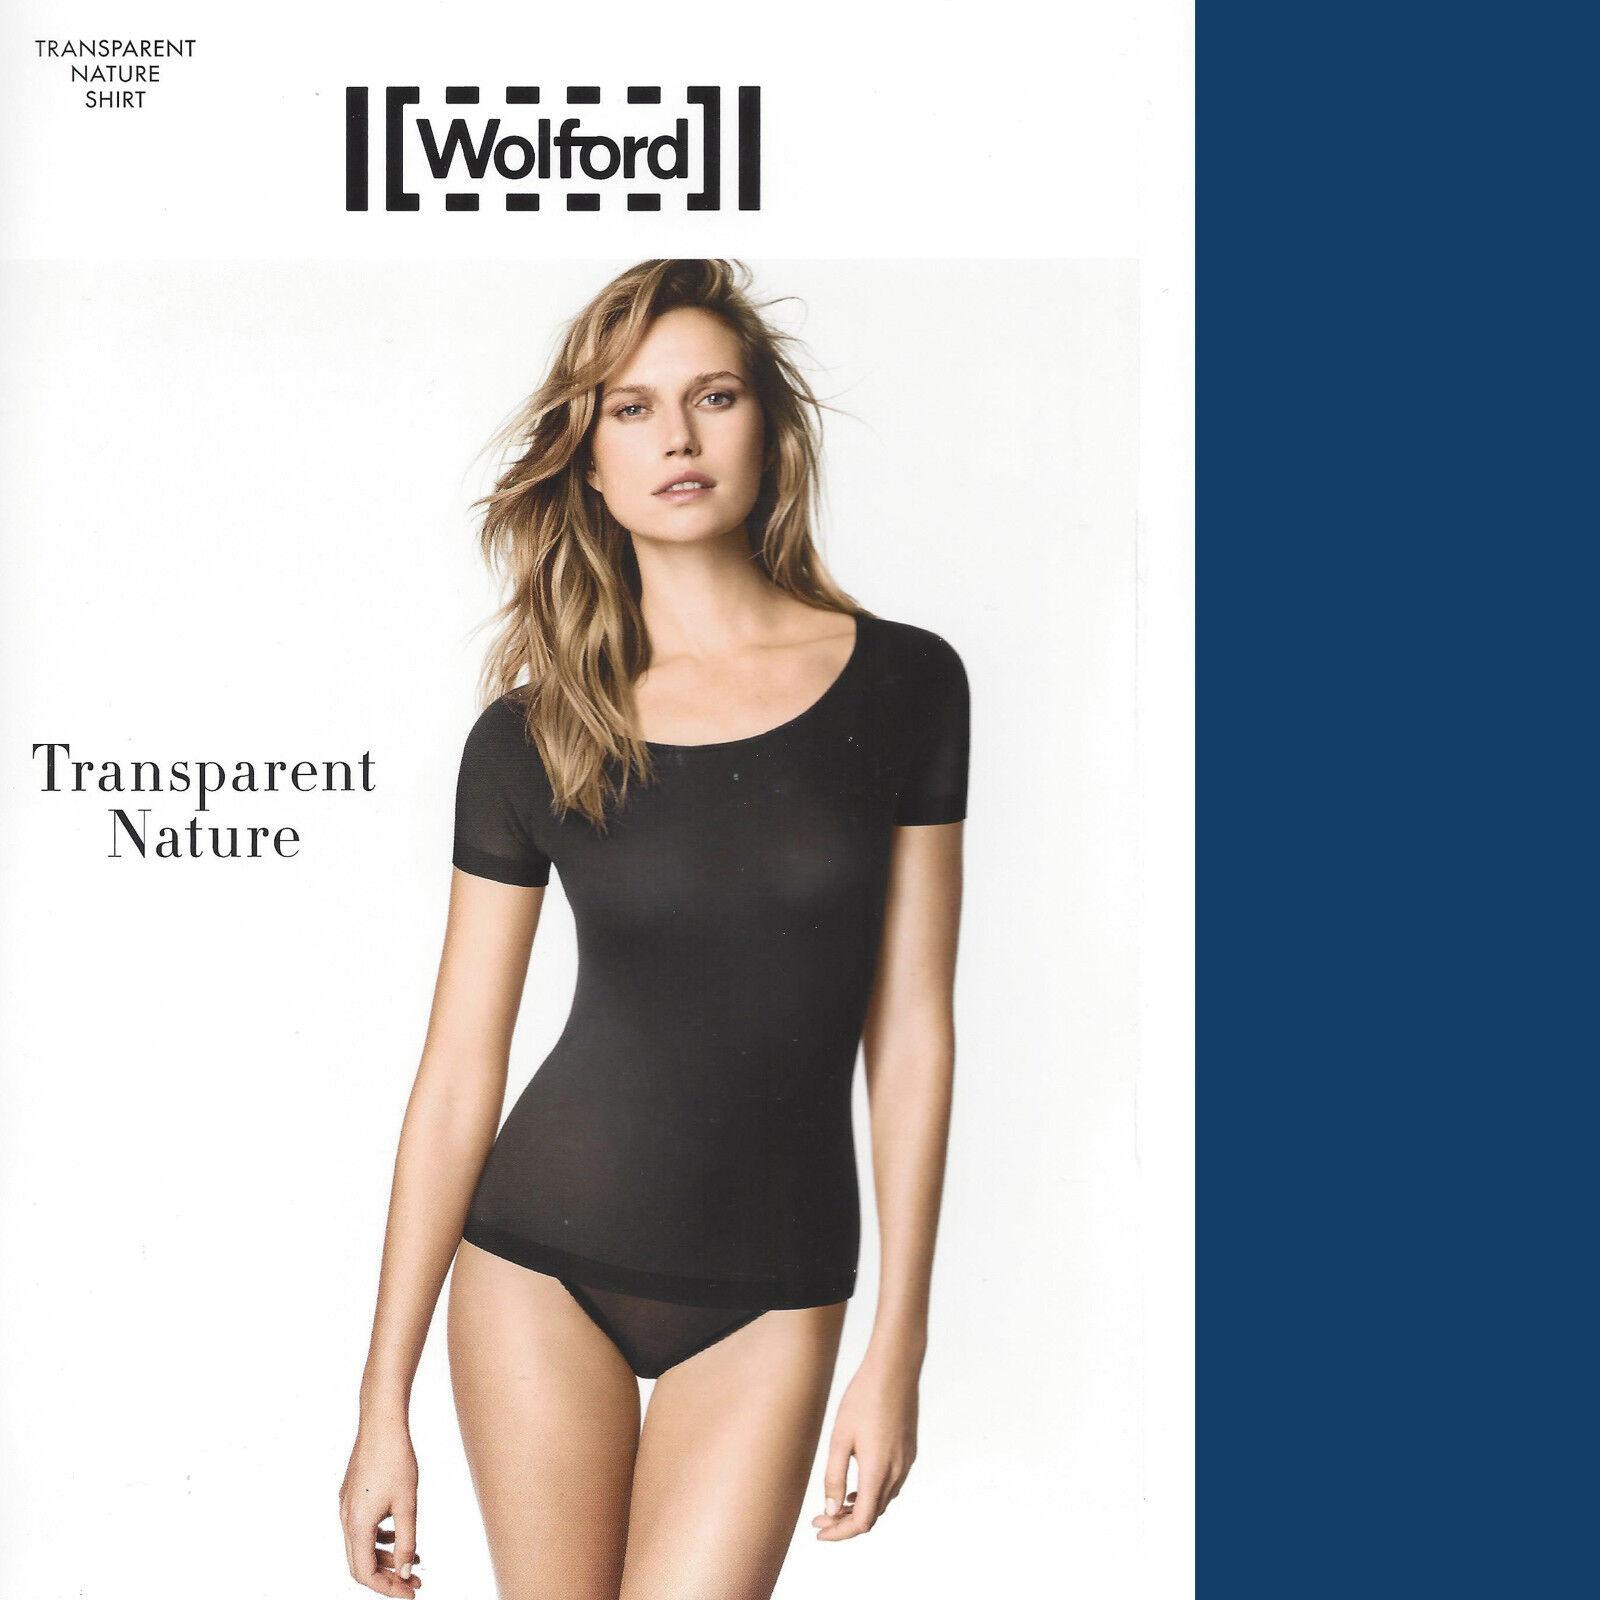 SALE • Wolford Transparent Nature Shirt • XS • lapis blau ...weich und natürlich